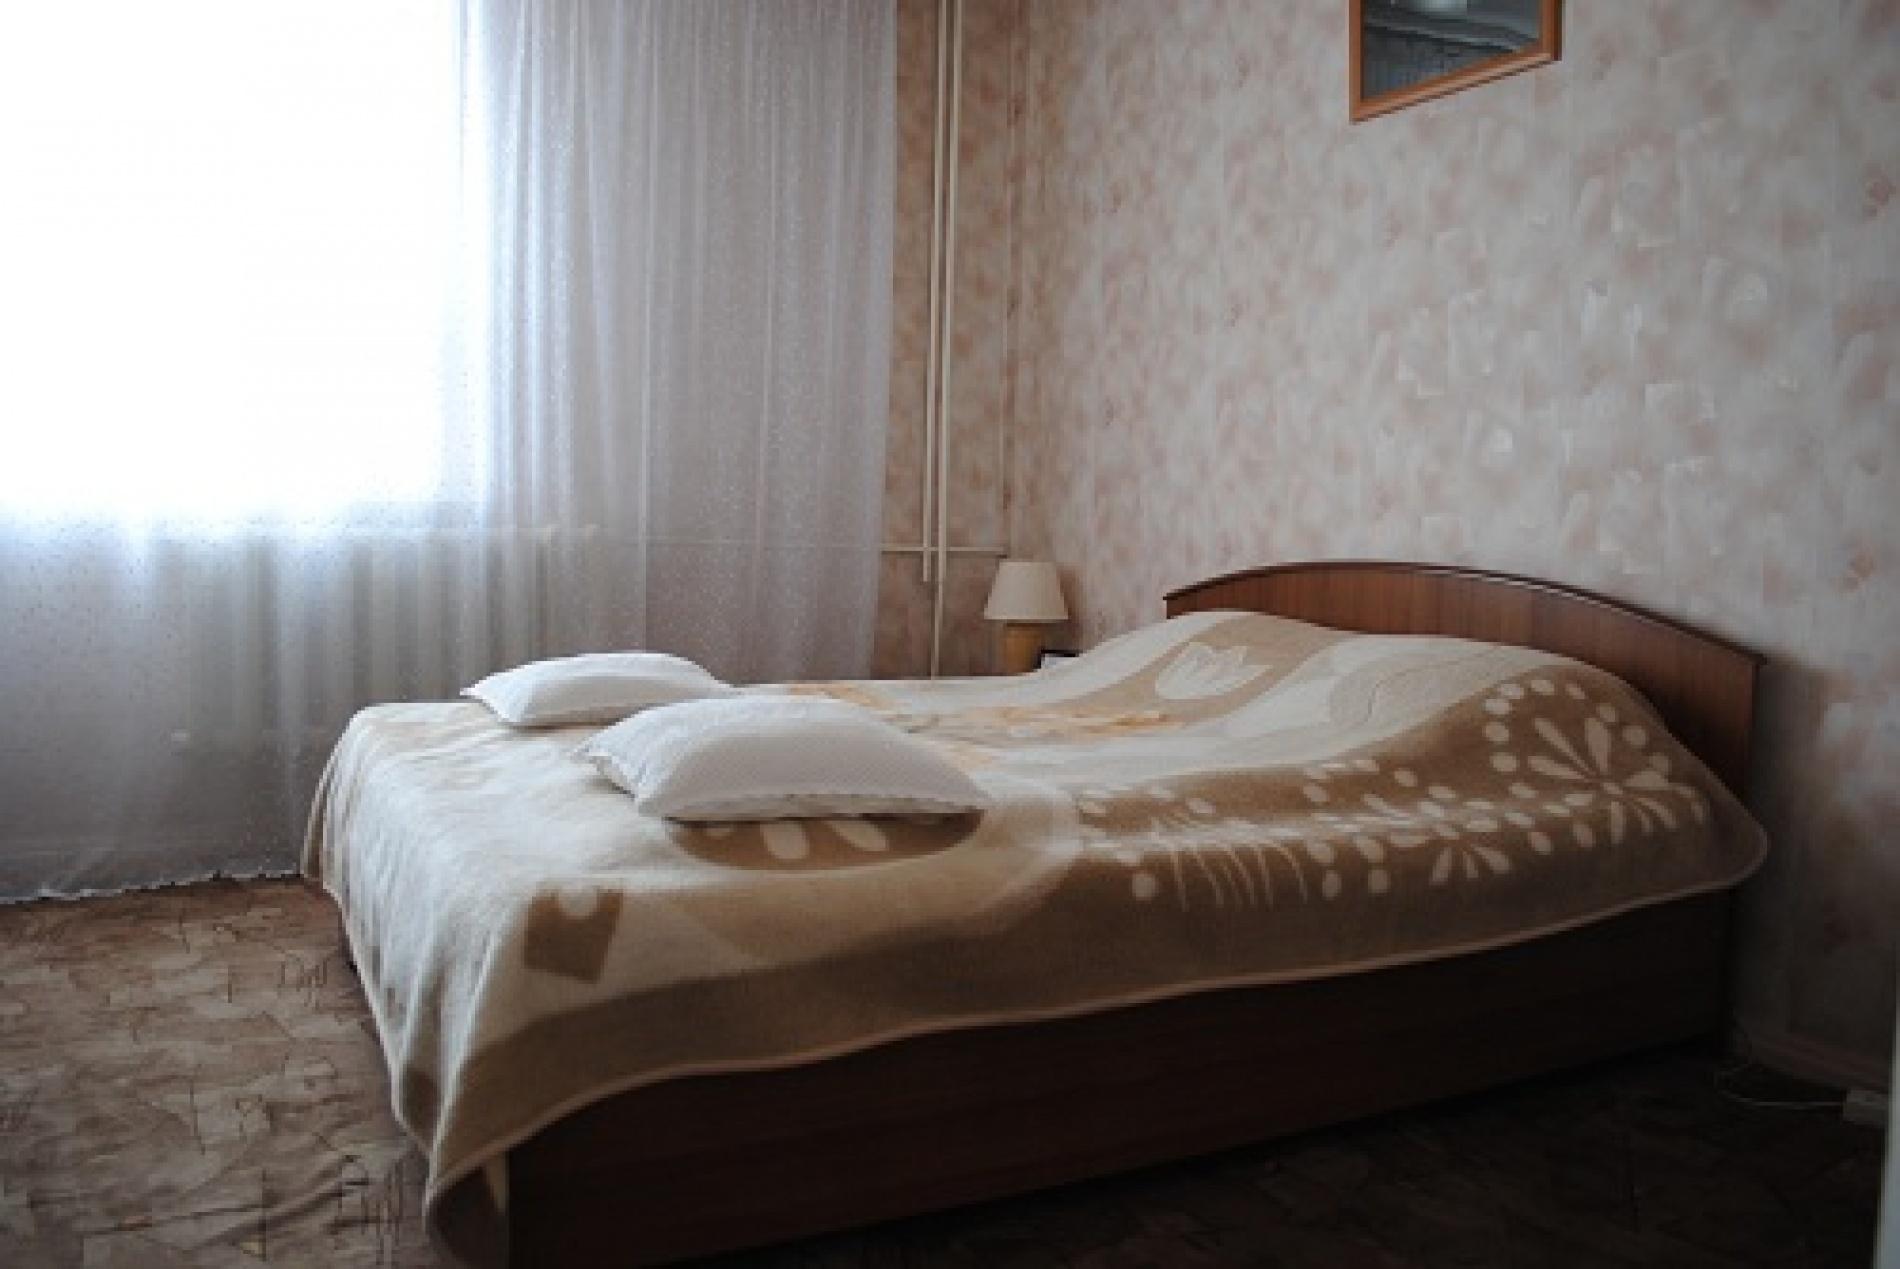 Загородный гостиничный комплекс «Горлица» Удмуртская Республика Номер 2 «Полулюкс» 2-местный, фото 1